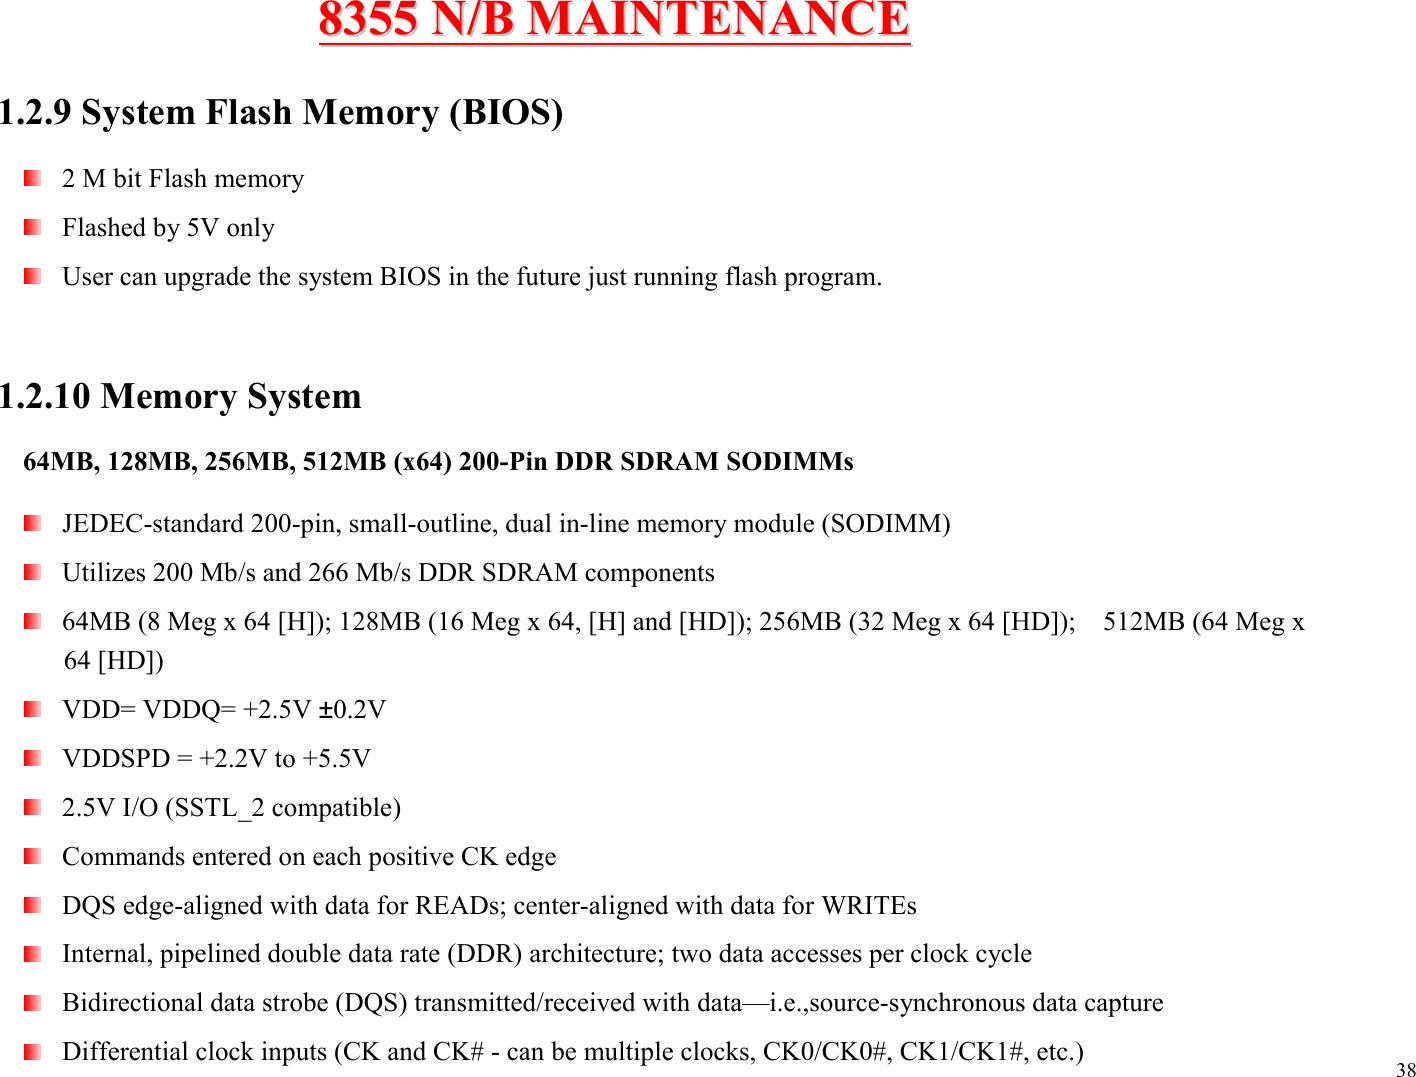 Mitac 8355 Users Manual Microsoft